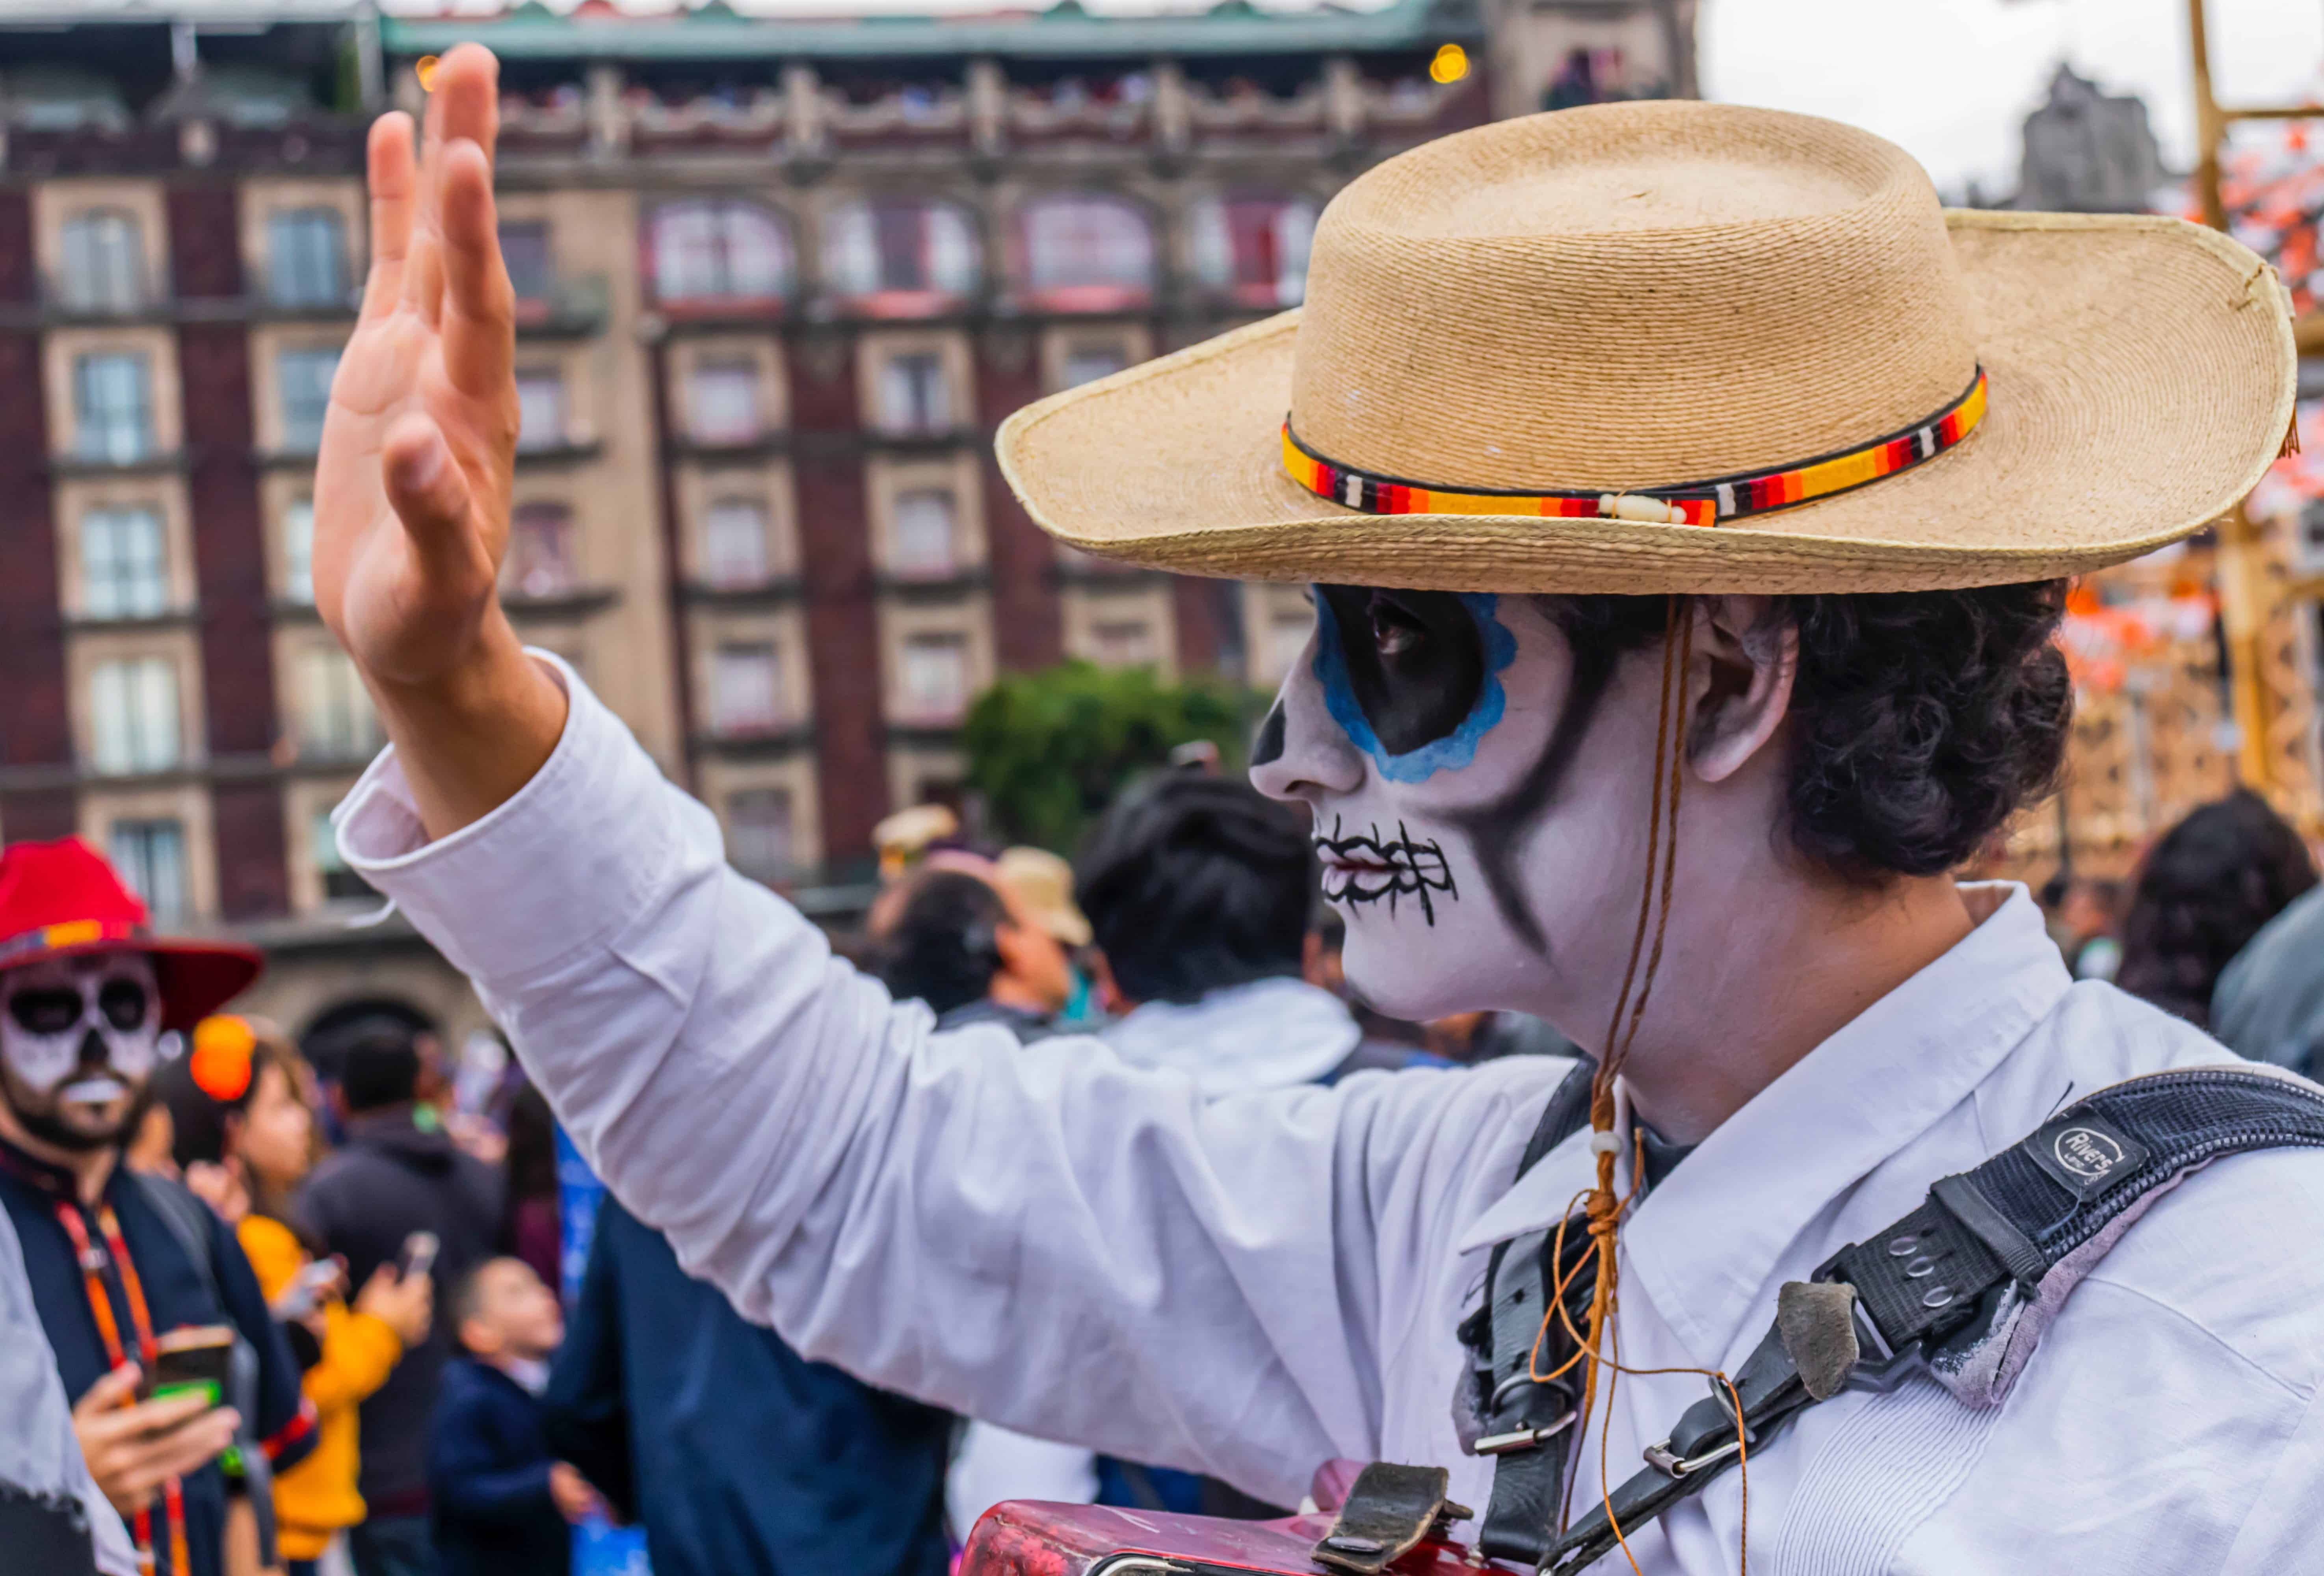 Homem com rosto pintado de caveira usando chapéu e acenando